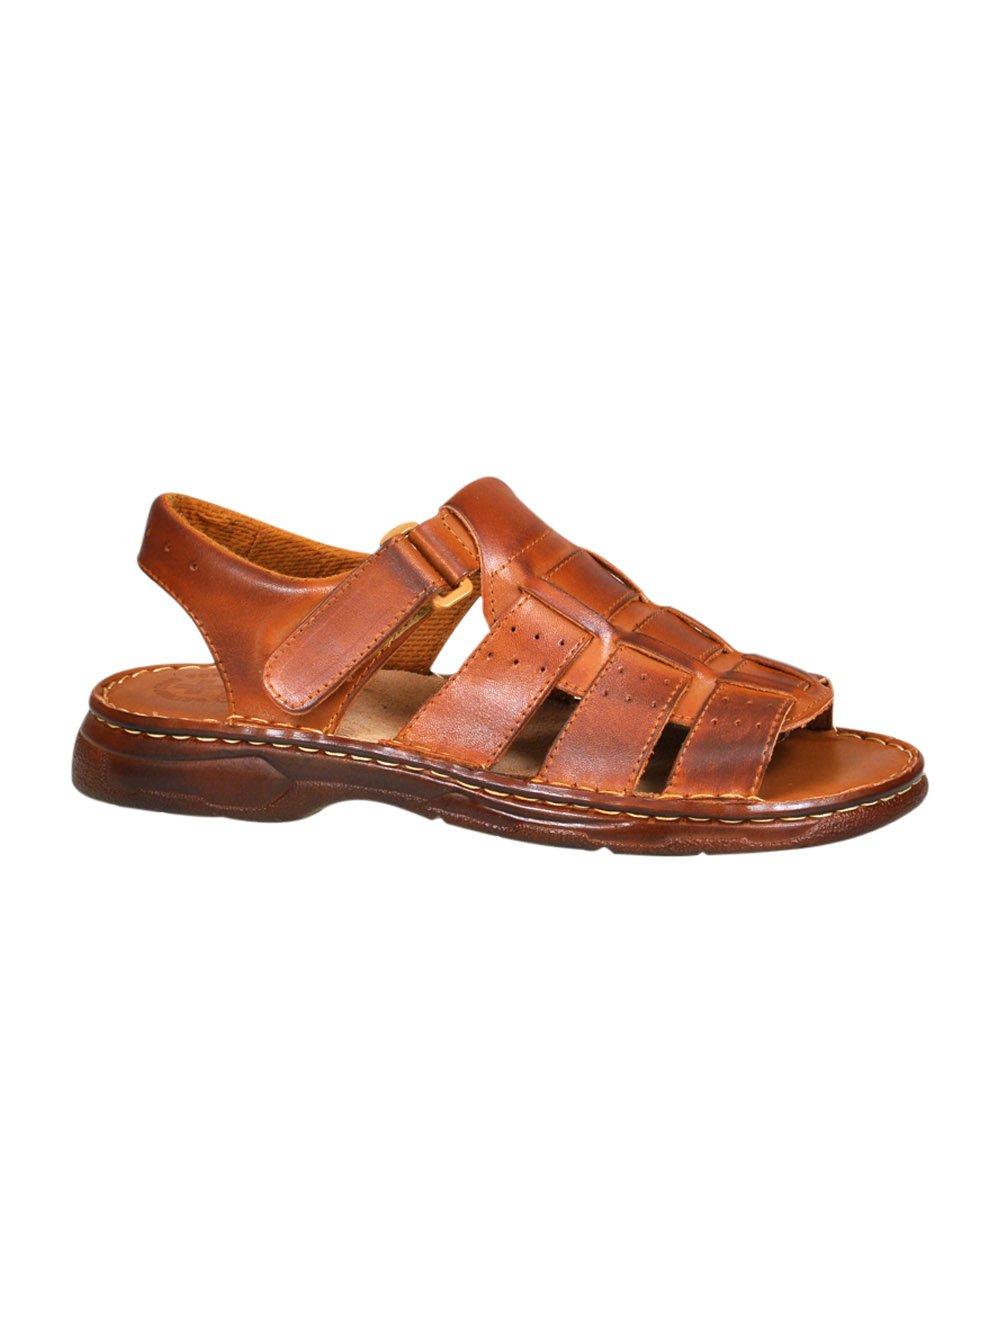 Lukpol Herren Bequeme Sandalen Schuhe mit der Orthopadischen Einlage Aus Echtem Buffelleder Hausschuhe Modell 817  42 EU|Braun